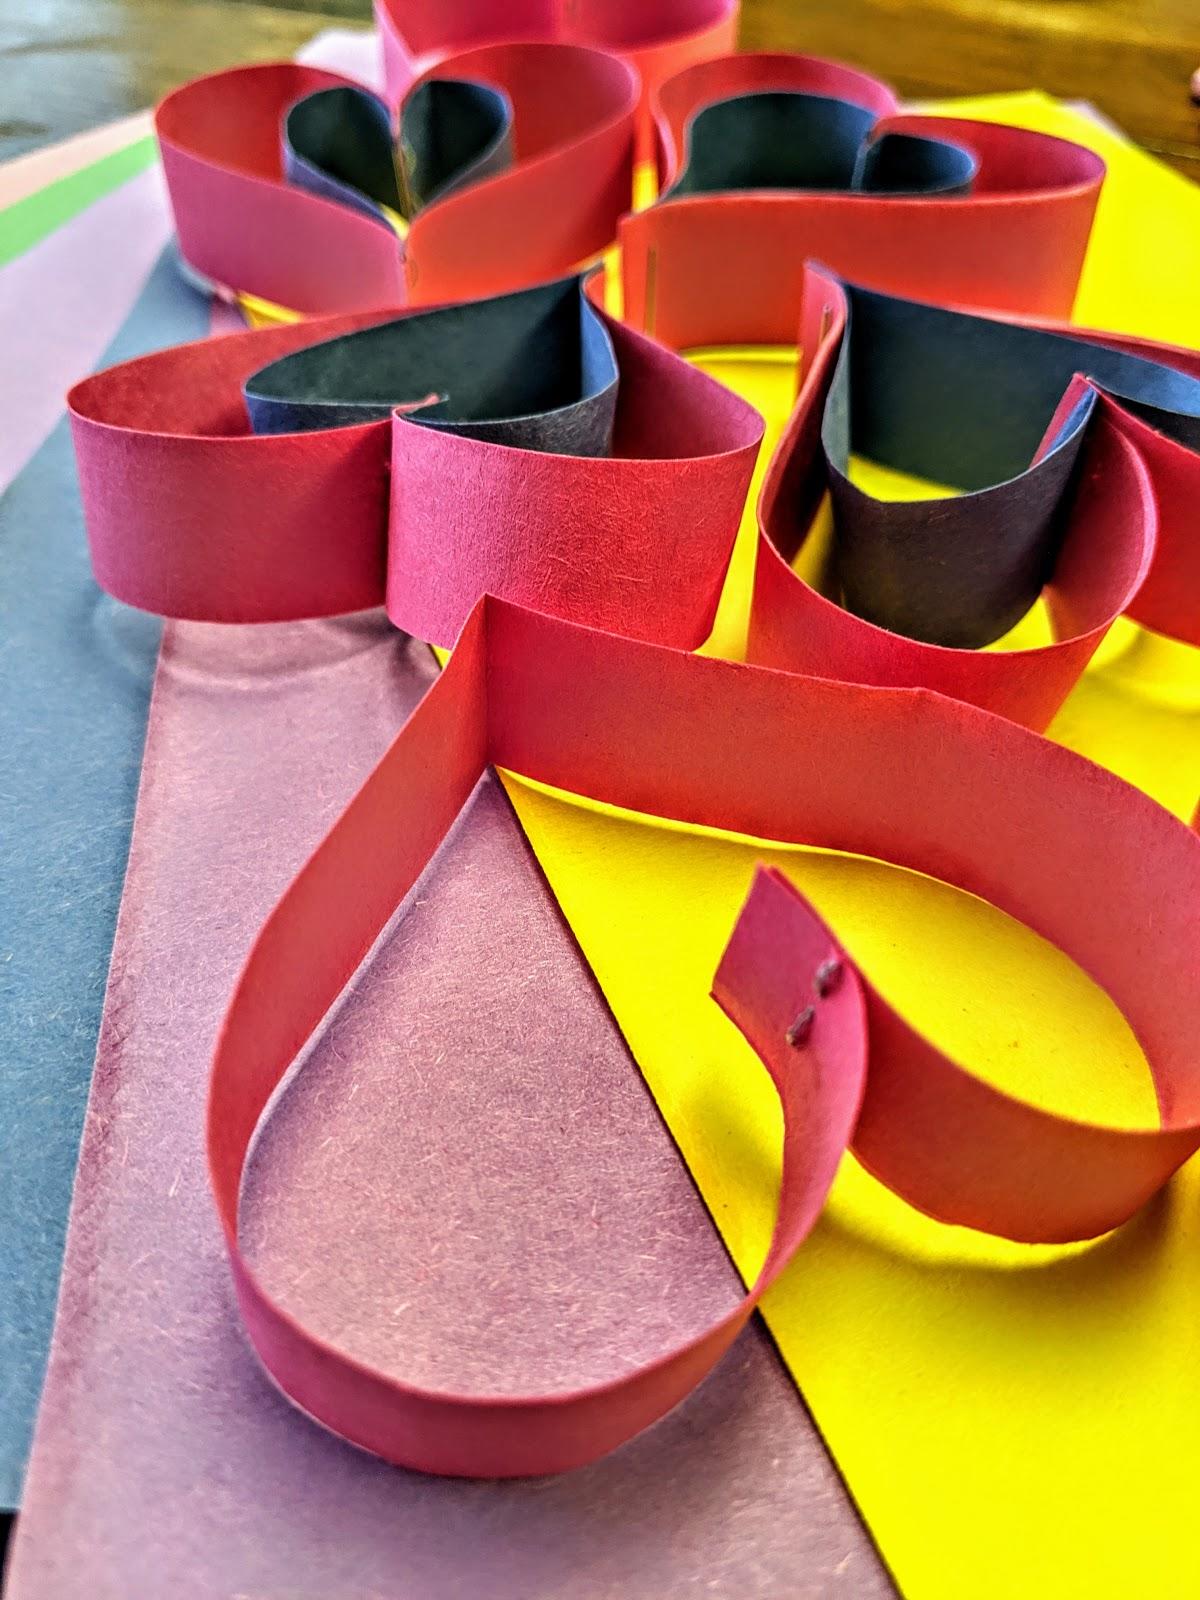 garland gift idea